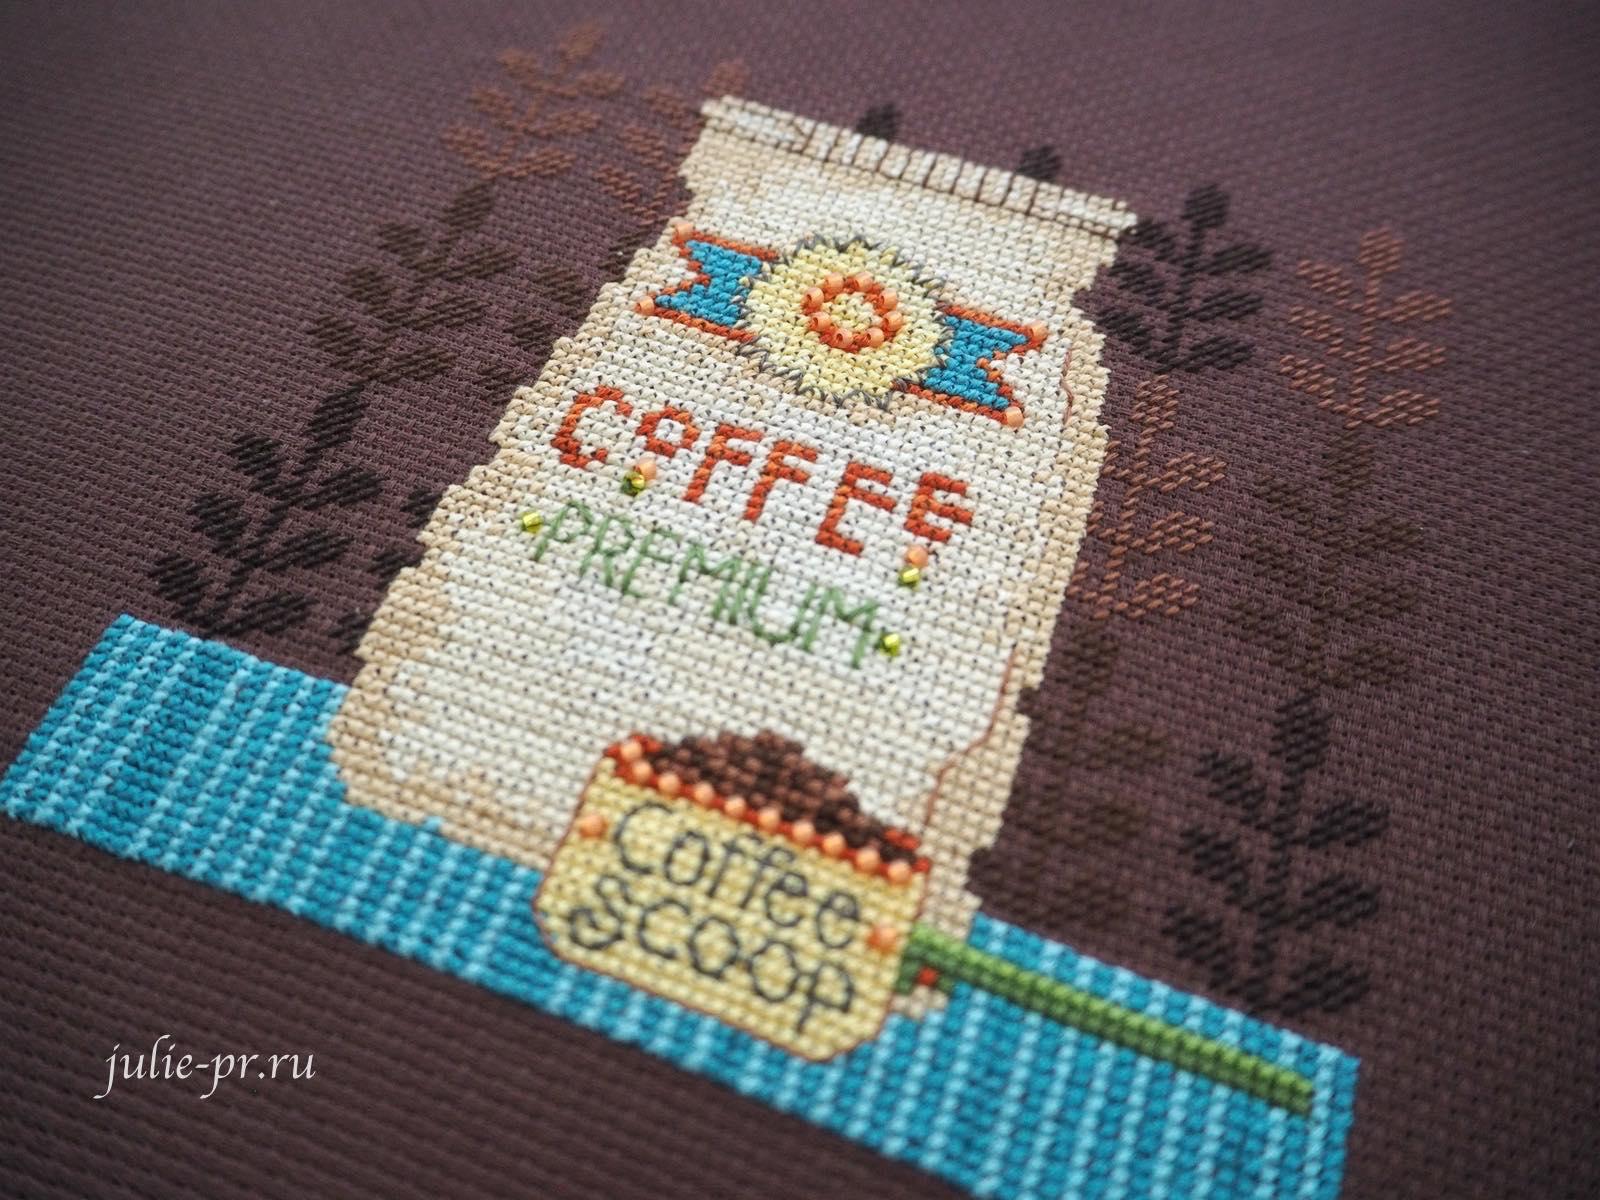 Mill Hill DM30-1614, Coffee Grounds, Кофейная гуща, вышивка крестом, мешочек кофе, вышивка бисером